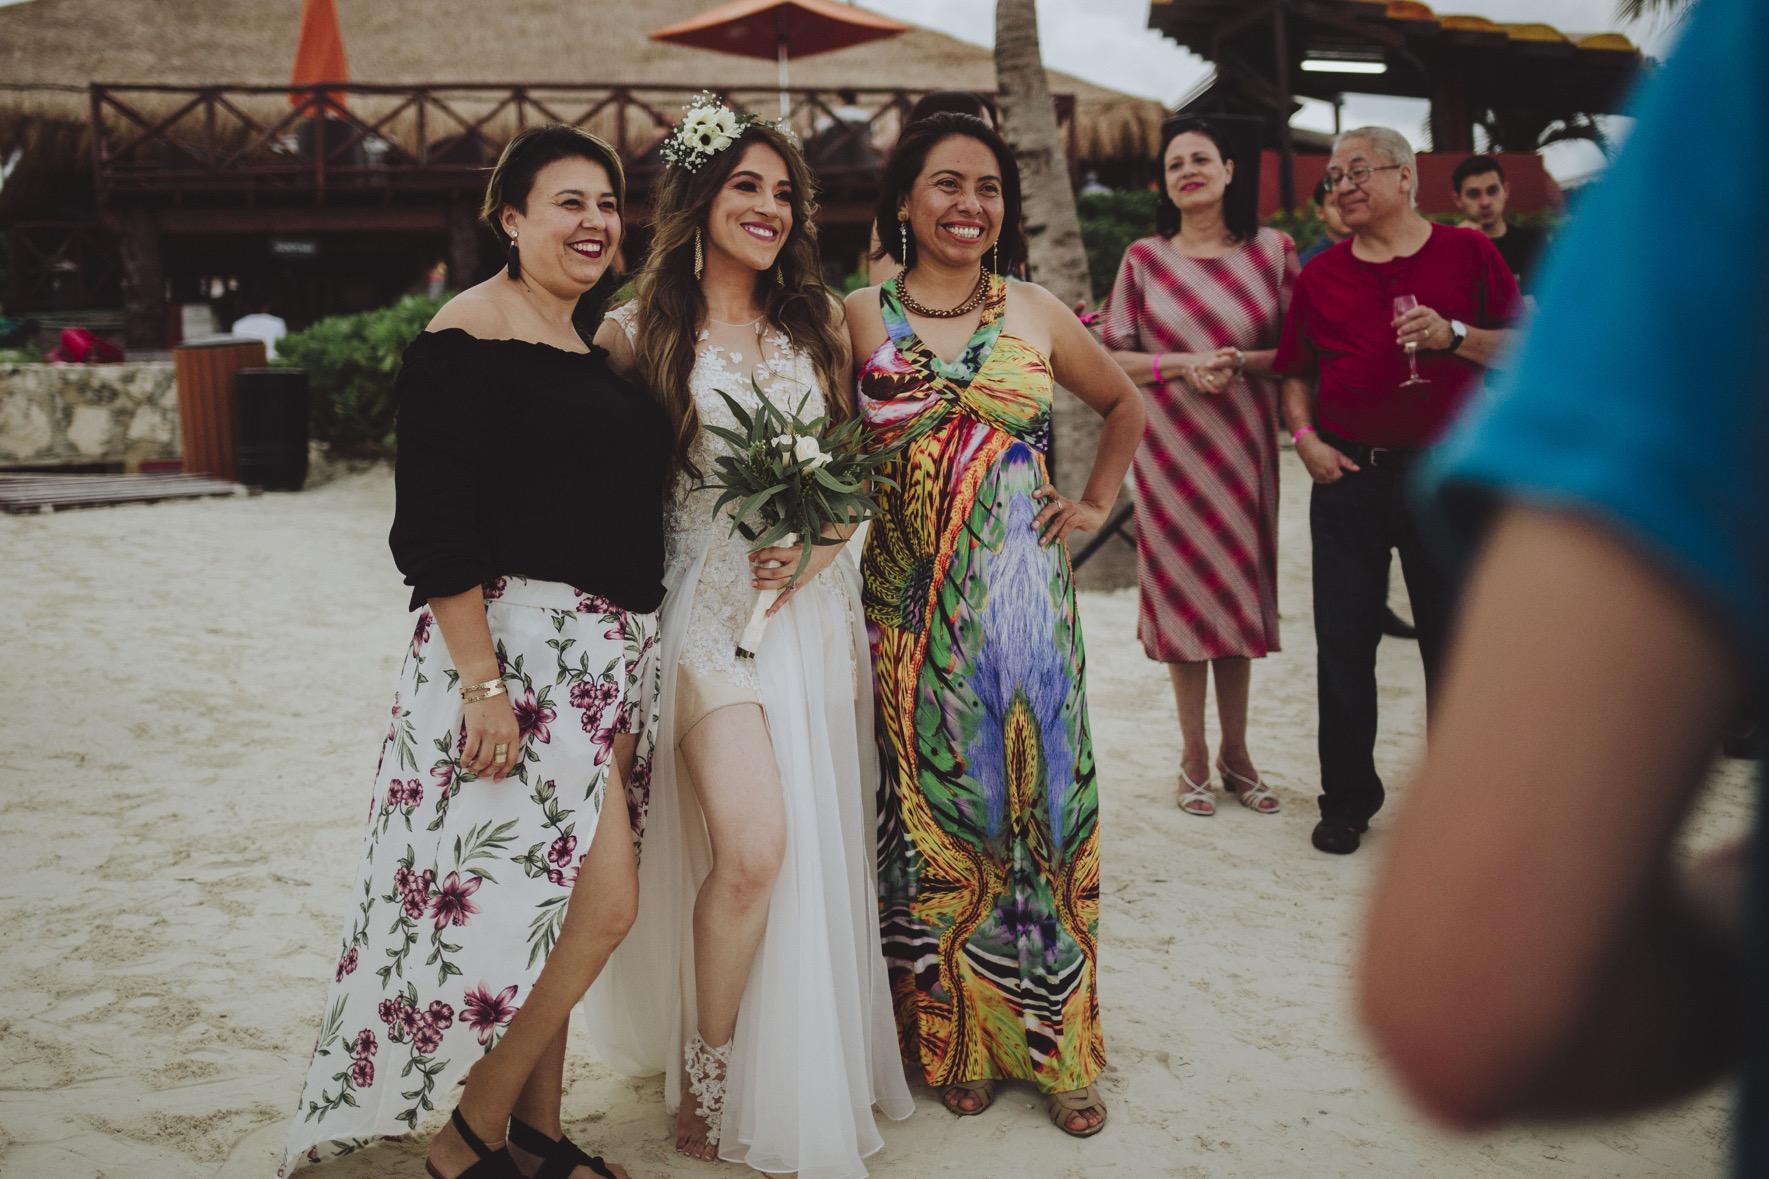 fotografo_bodas_profesional_zacatecas_riviera_maya_cancun-108